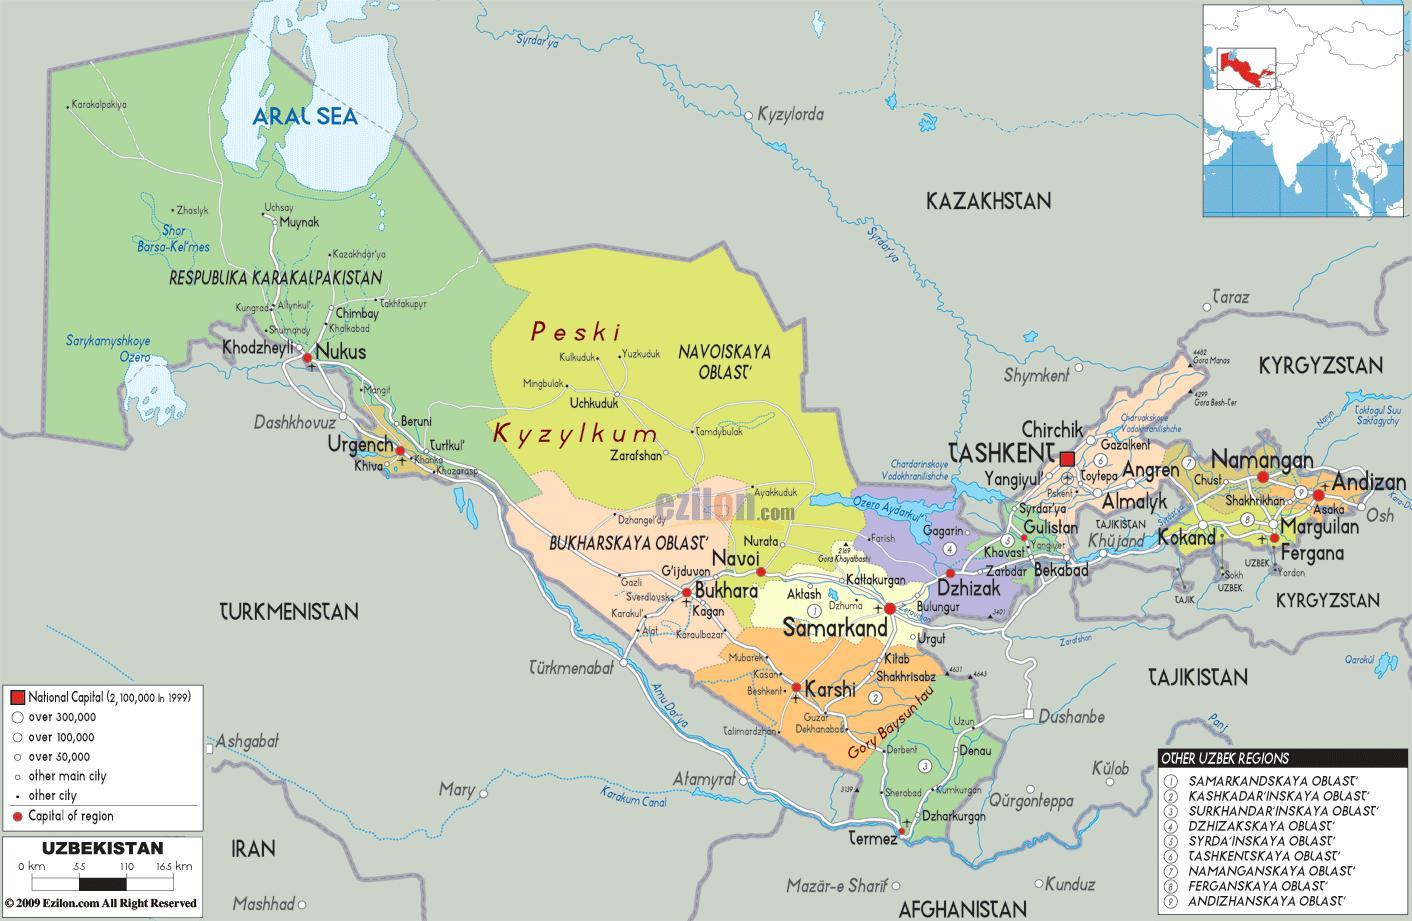 Usbekistan Karte.Usbekistan Karte Die Karte Von Usbekistan Zentralasien Asien